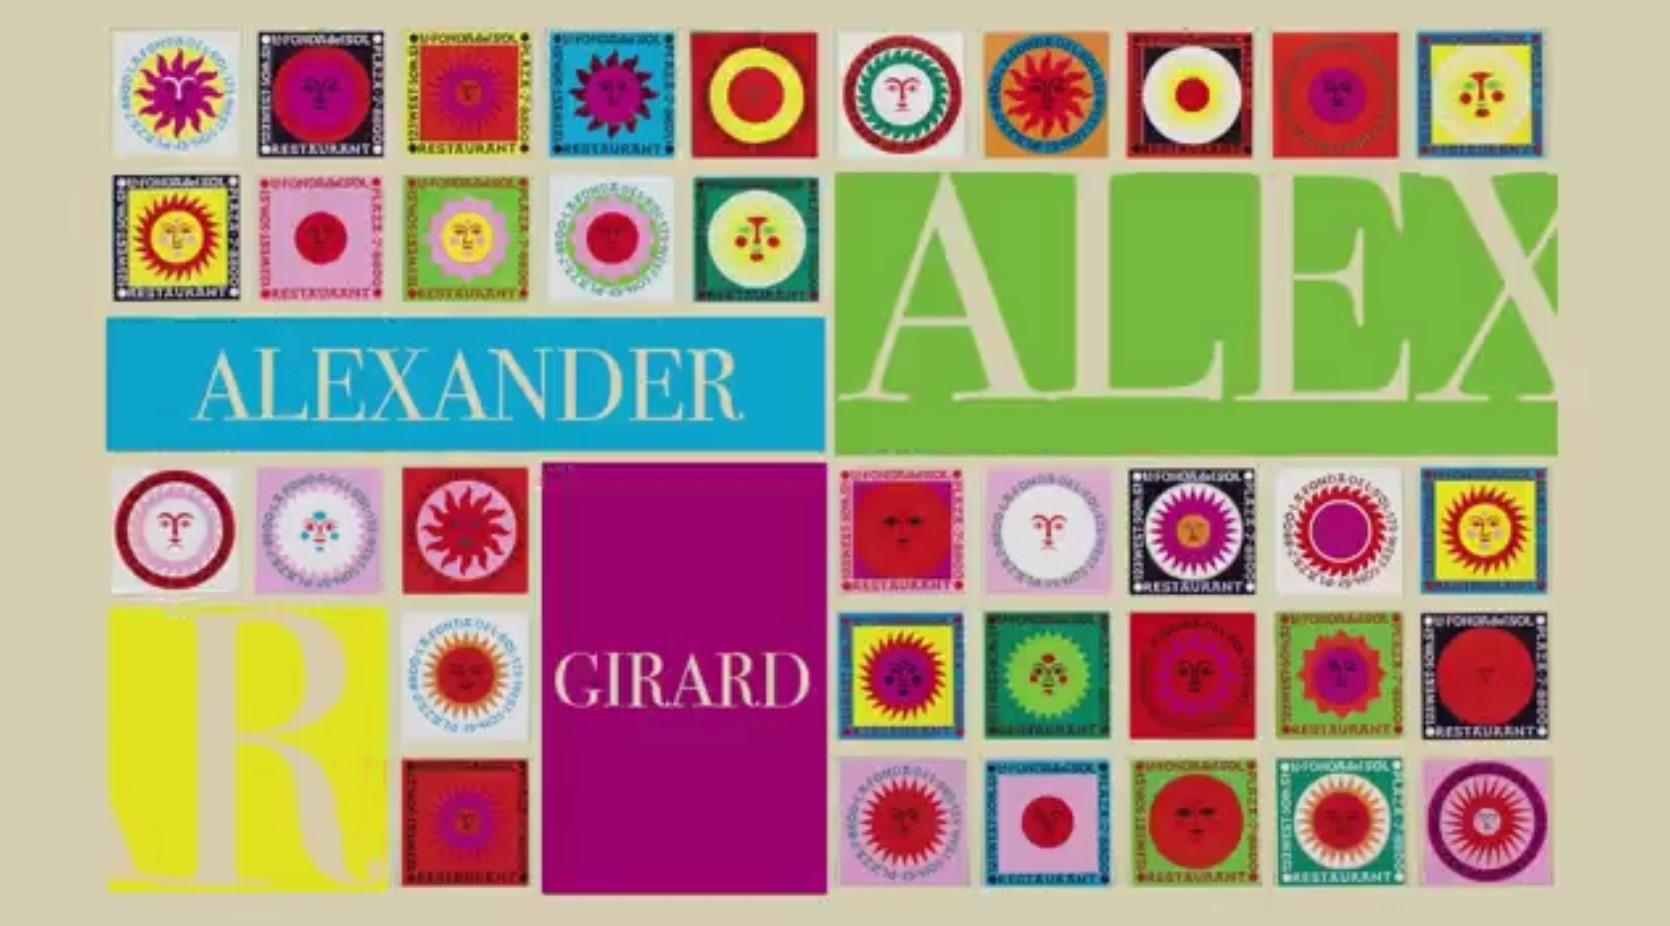 El Universo de un Diseñador: Alexander Girard